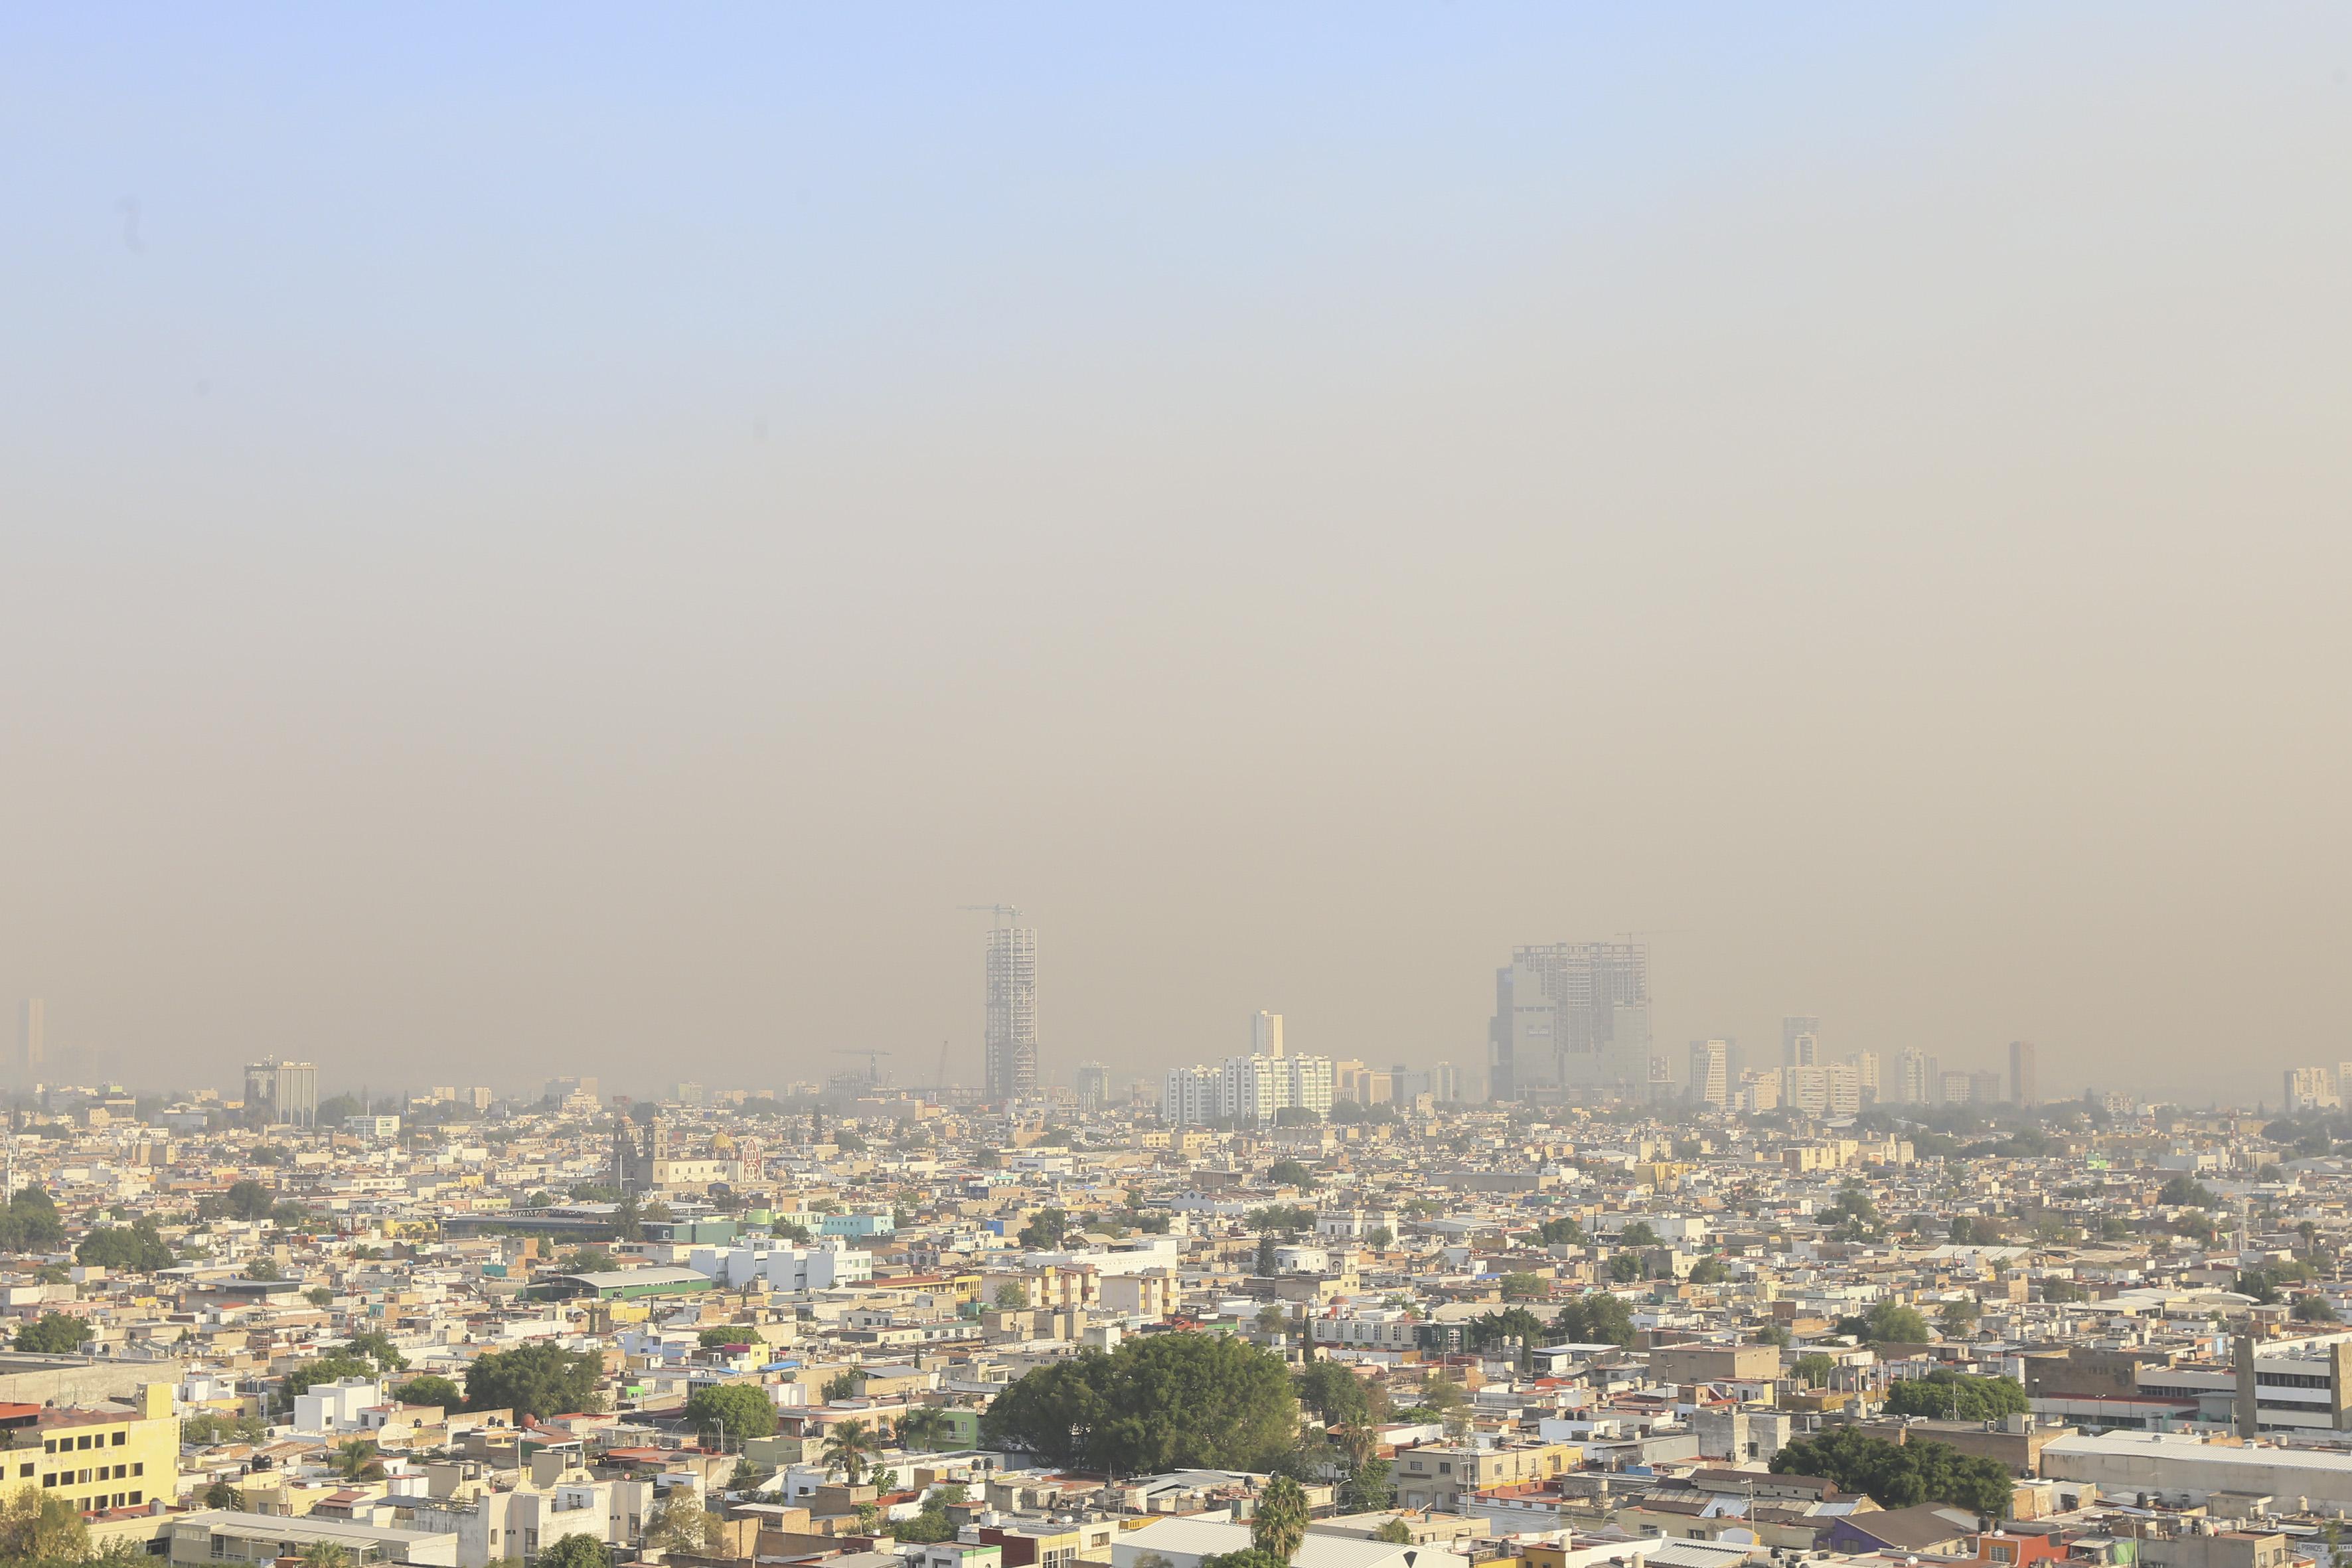 Vista panorámica de la contaminación en los cielos de la Ciudad de Guadalajara.